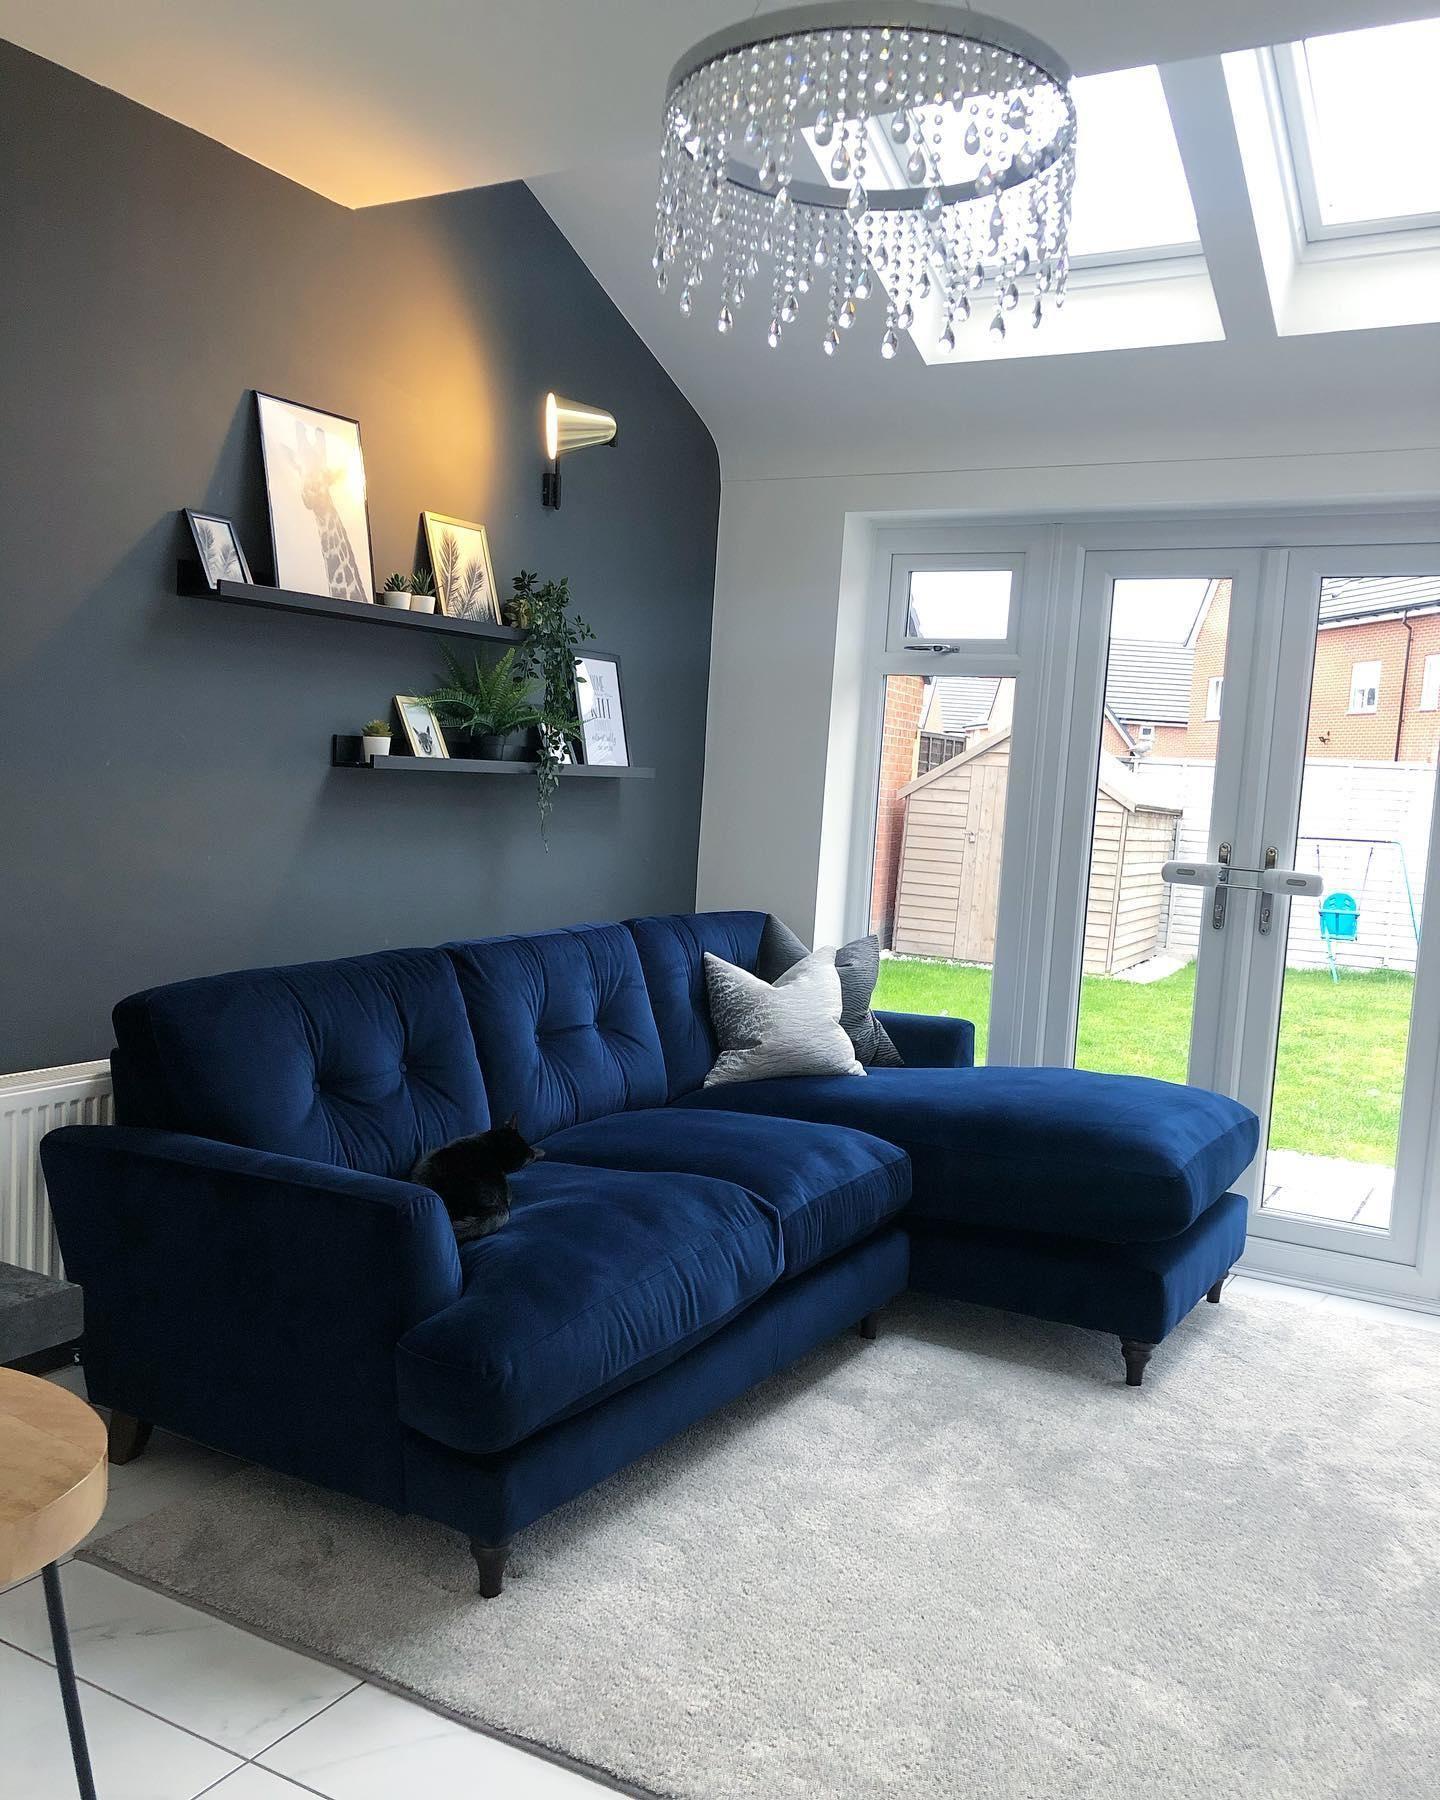 Patterdale Velvet Left Hand Facing Small Chaise Sofa Patterdale Velvet Blue Sofas Living Room Living Room Sofa Design Modern Sofa Living Room